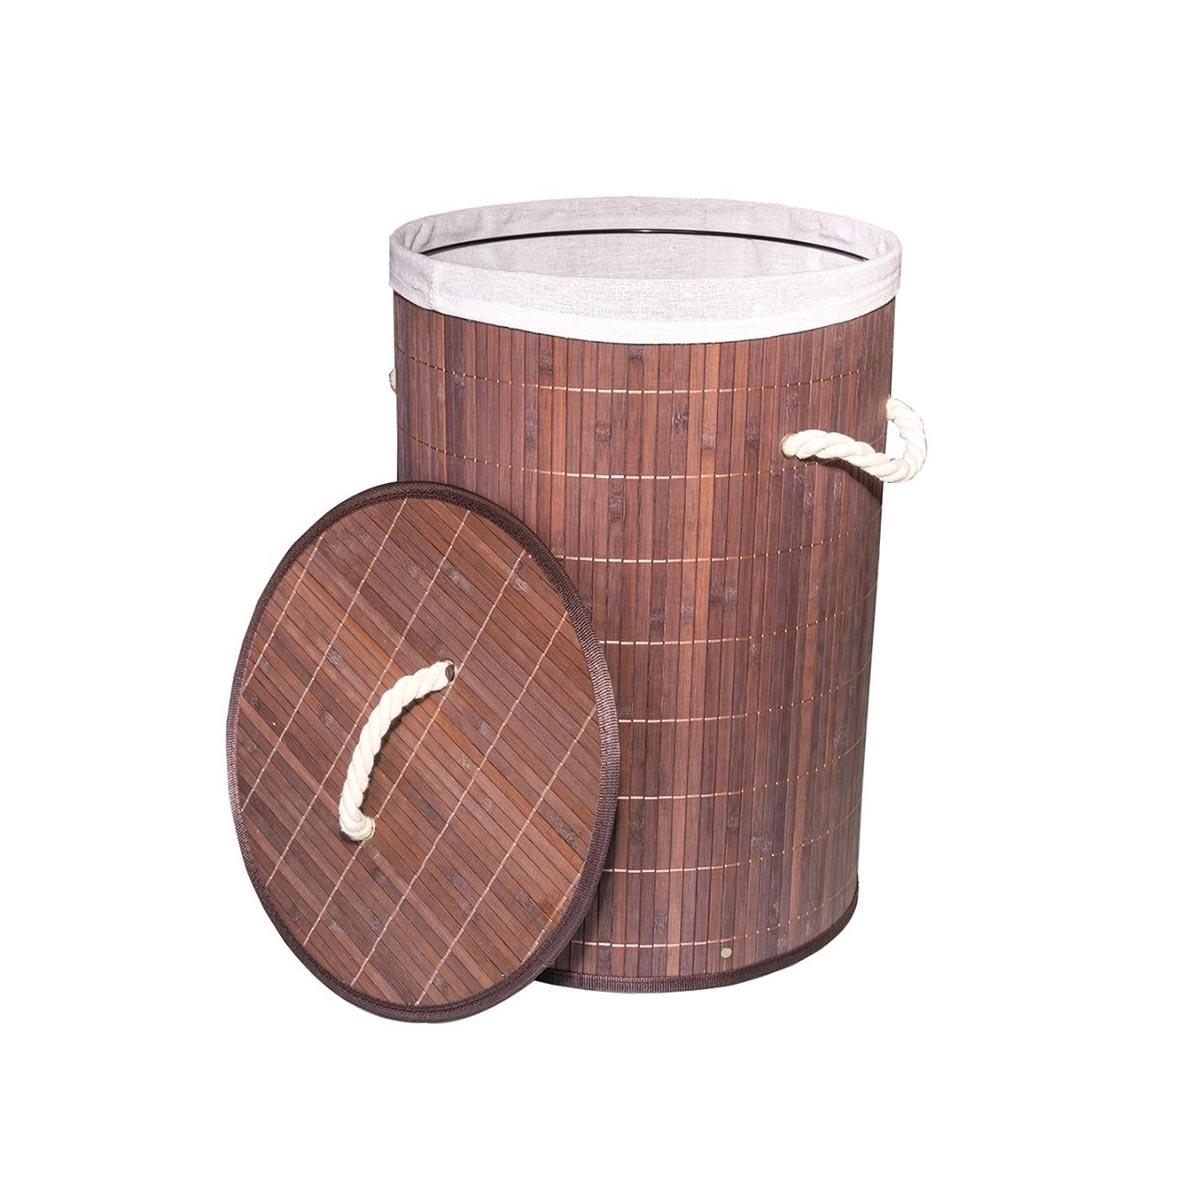 Cesto Em Bambu com Forro 49 cm  Marrom Escuro  - Lemis